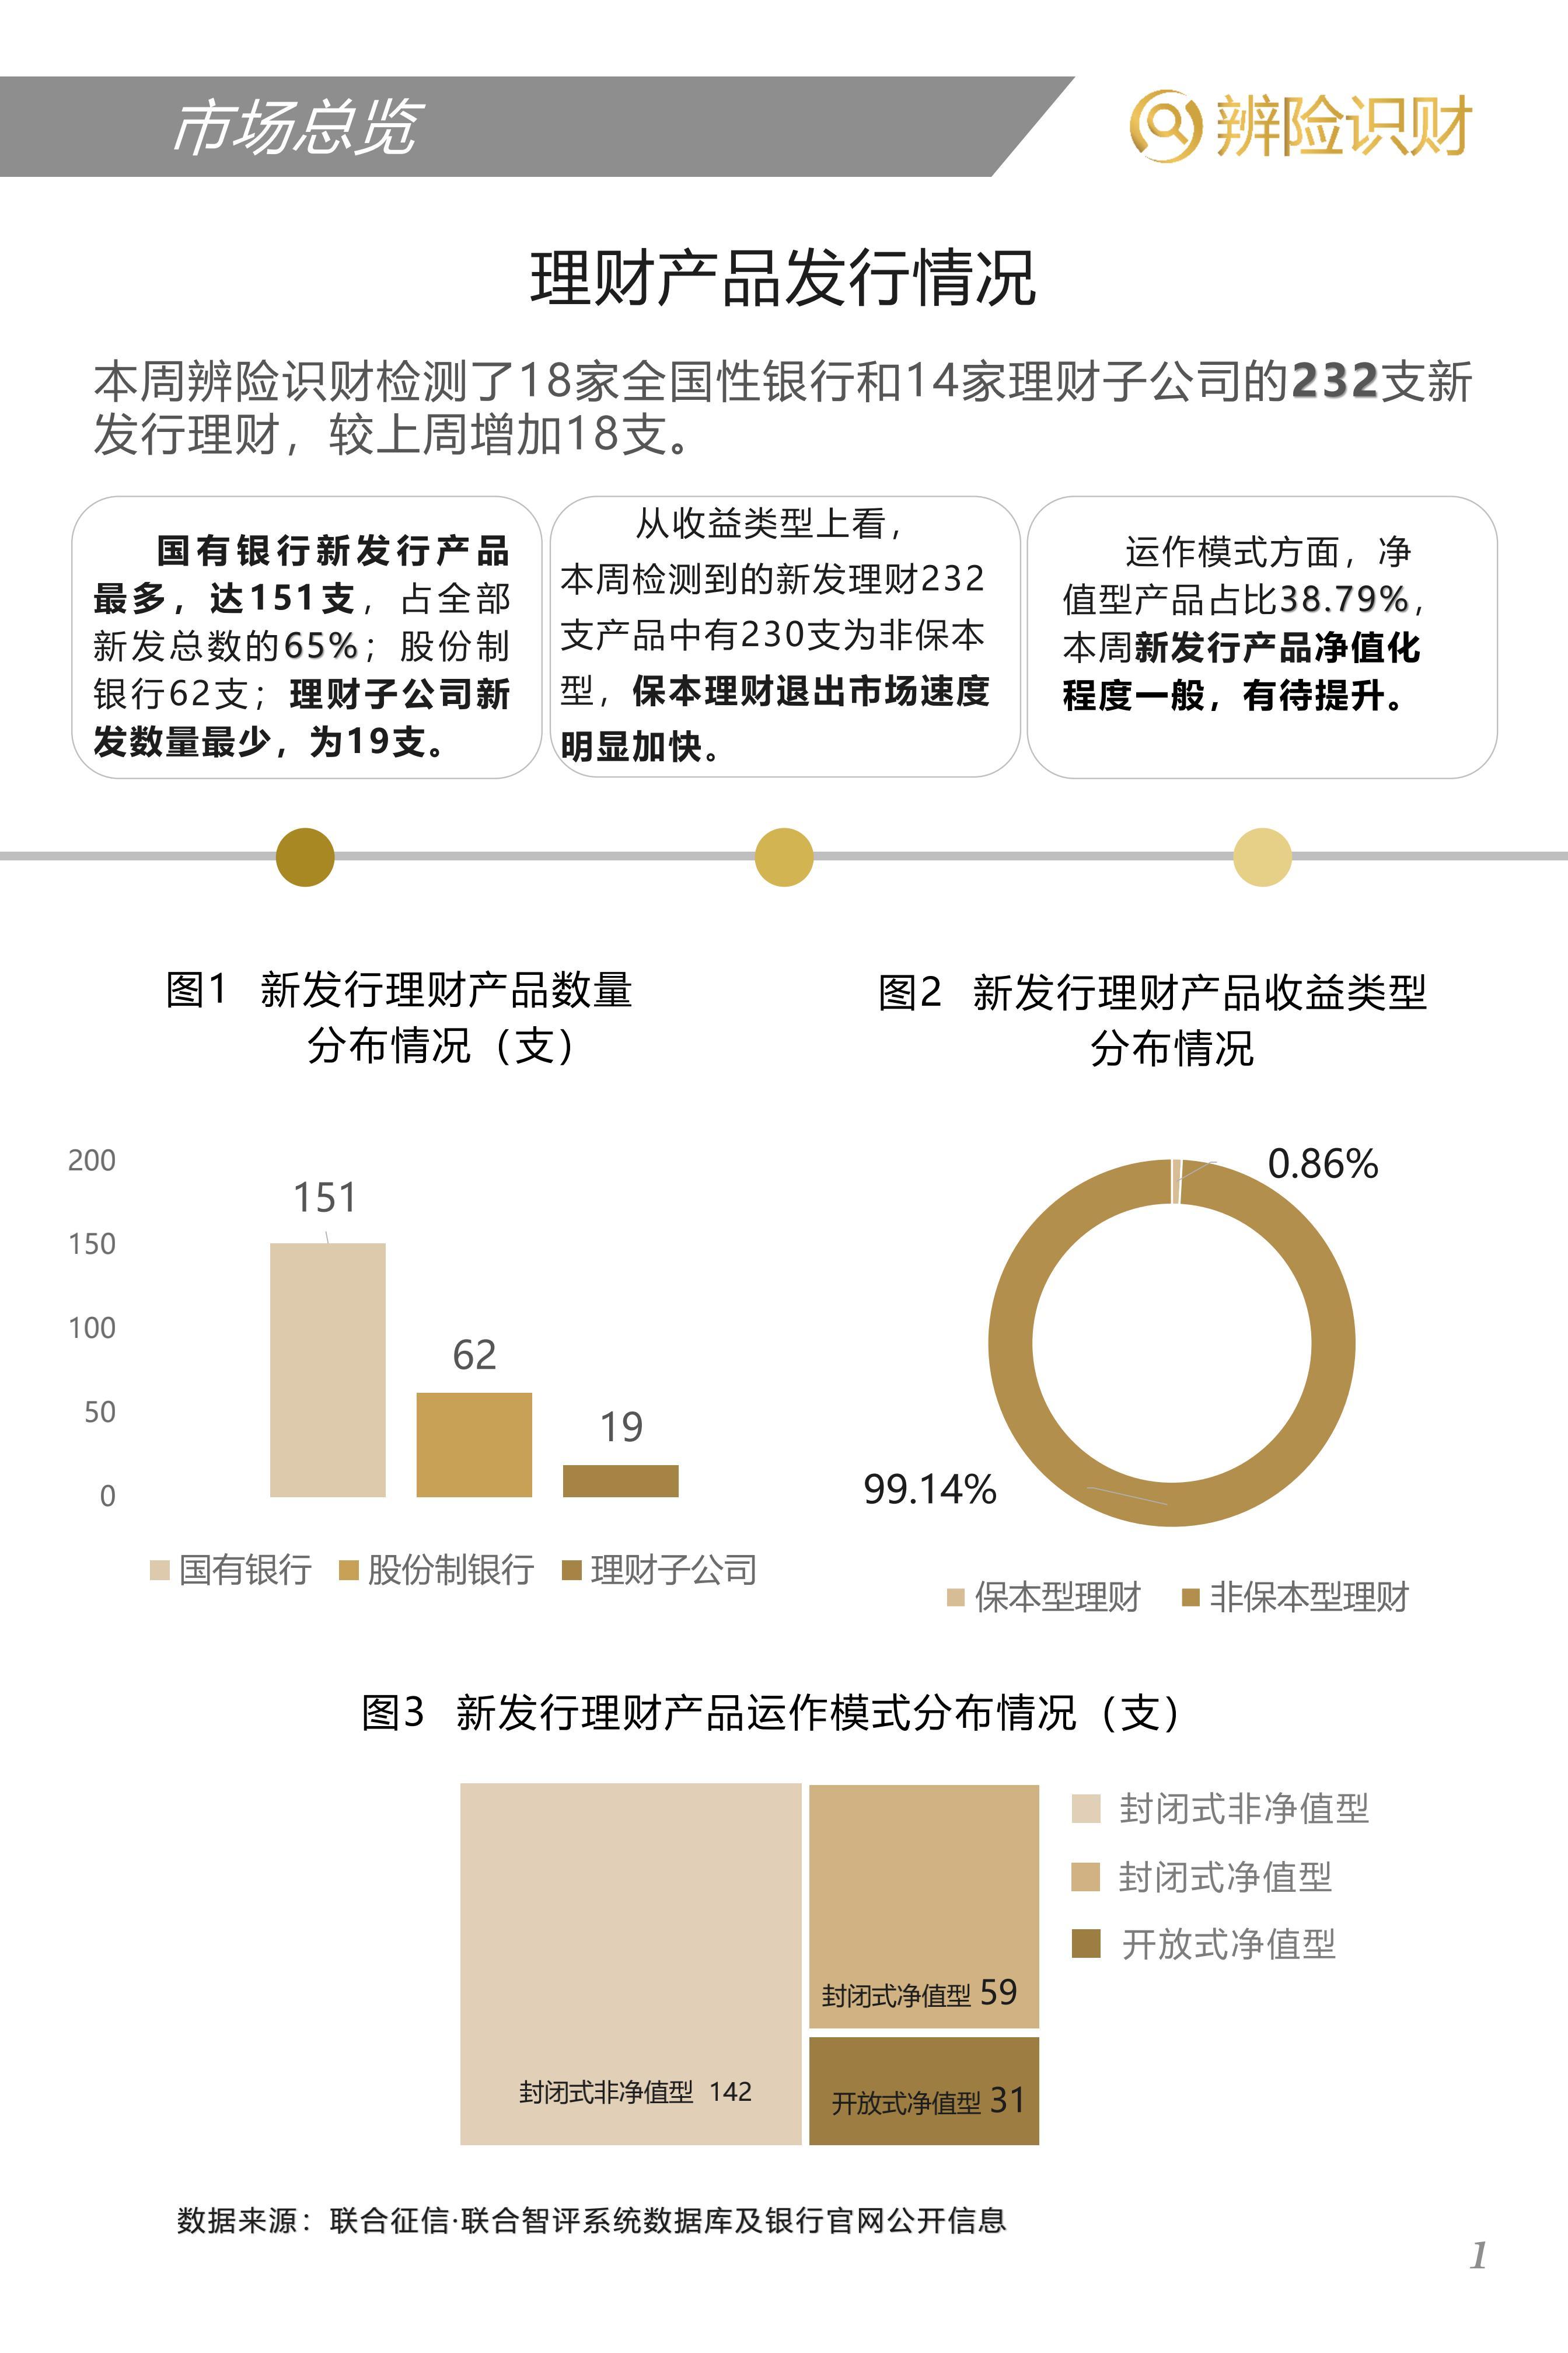 全国性银行新发行理财产品周报(机构版)20200720-20200726